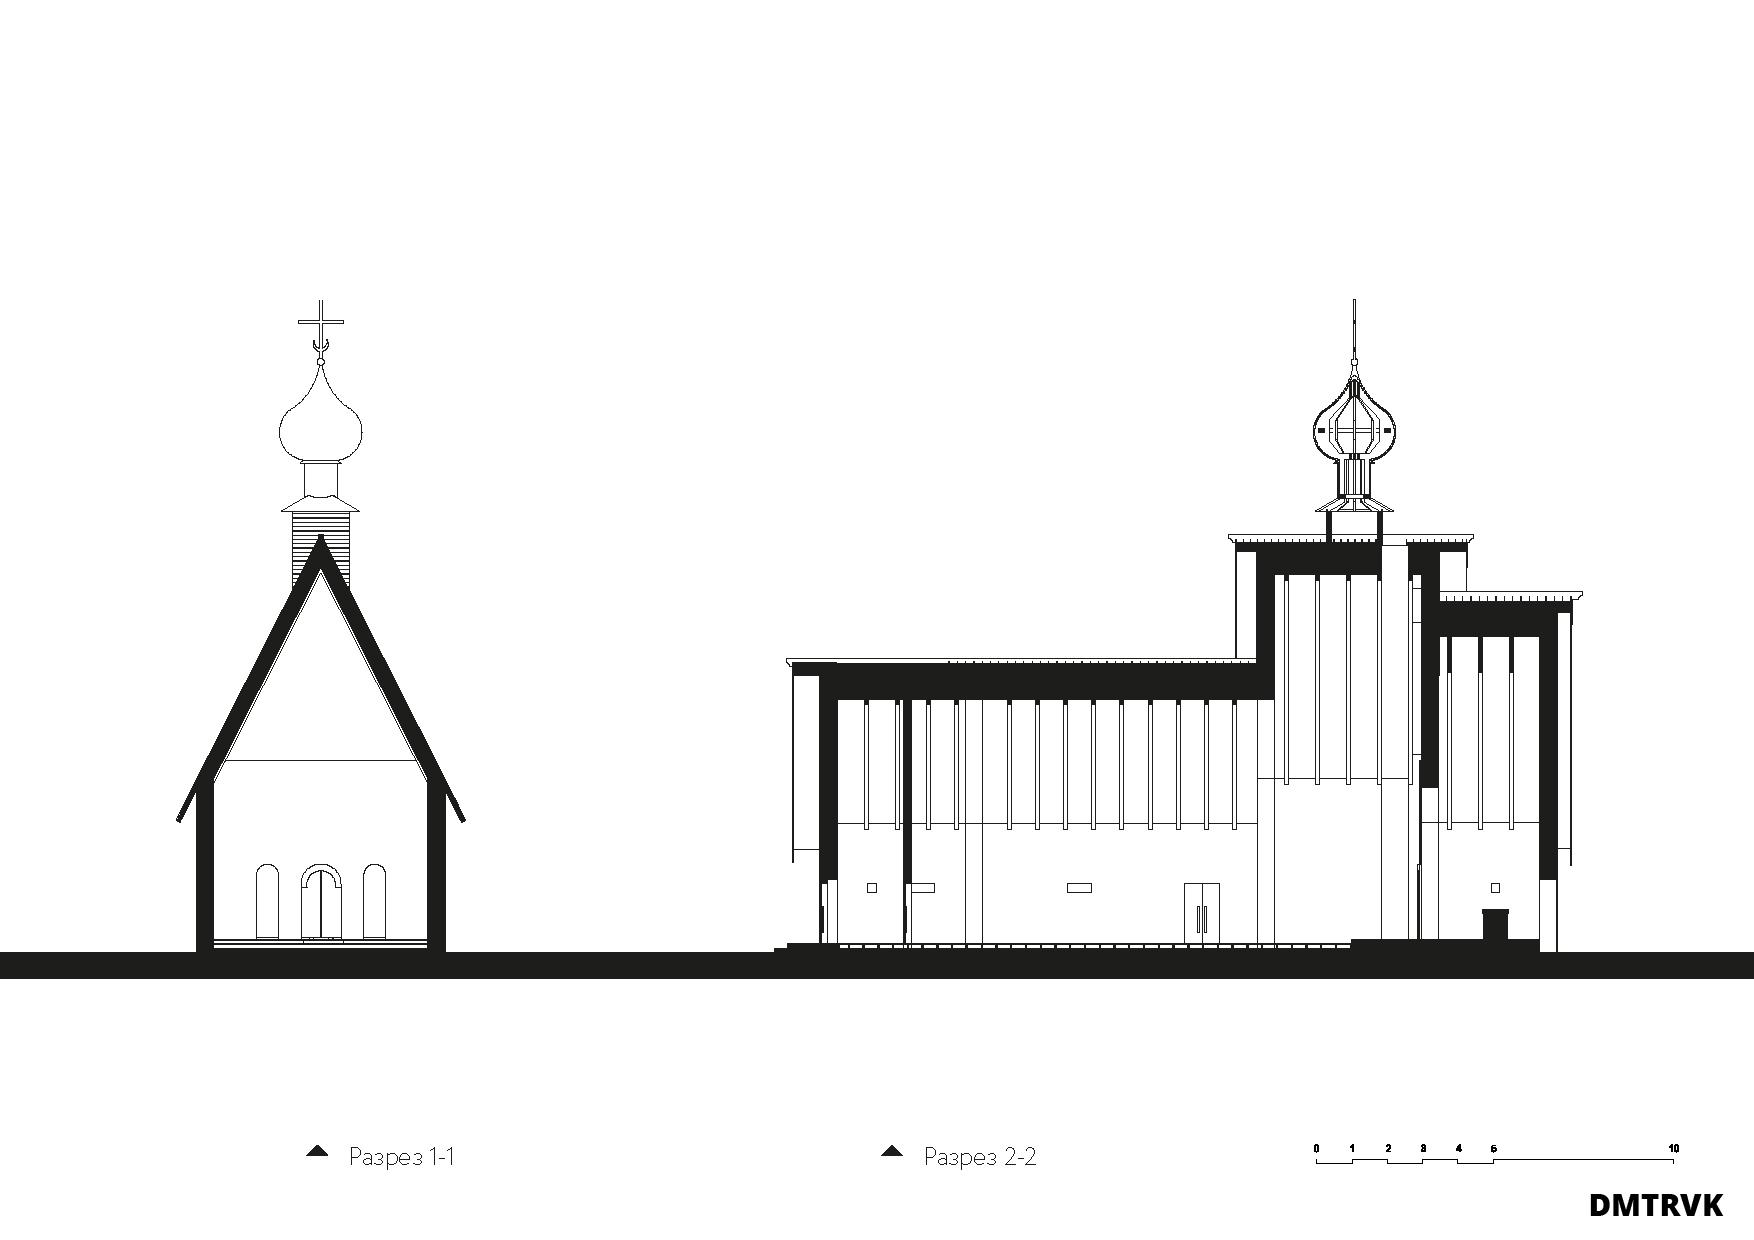 Храм на 250 человек. Схема разрезов. ©DMTRVK.RU